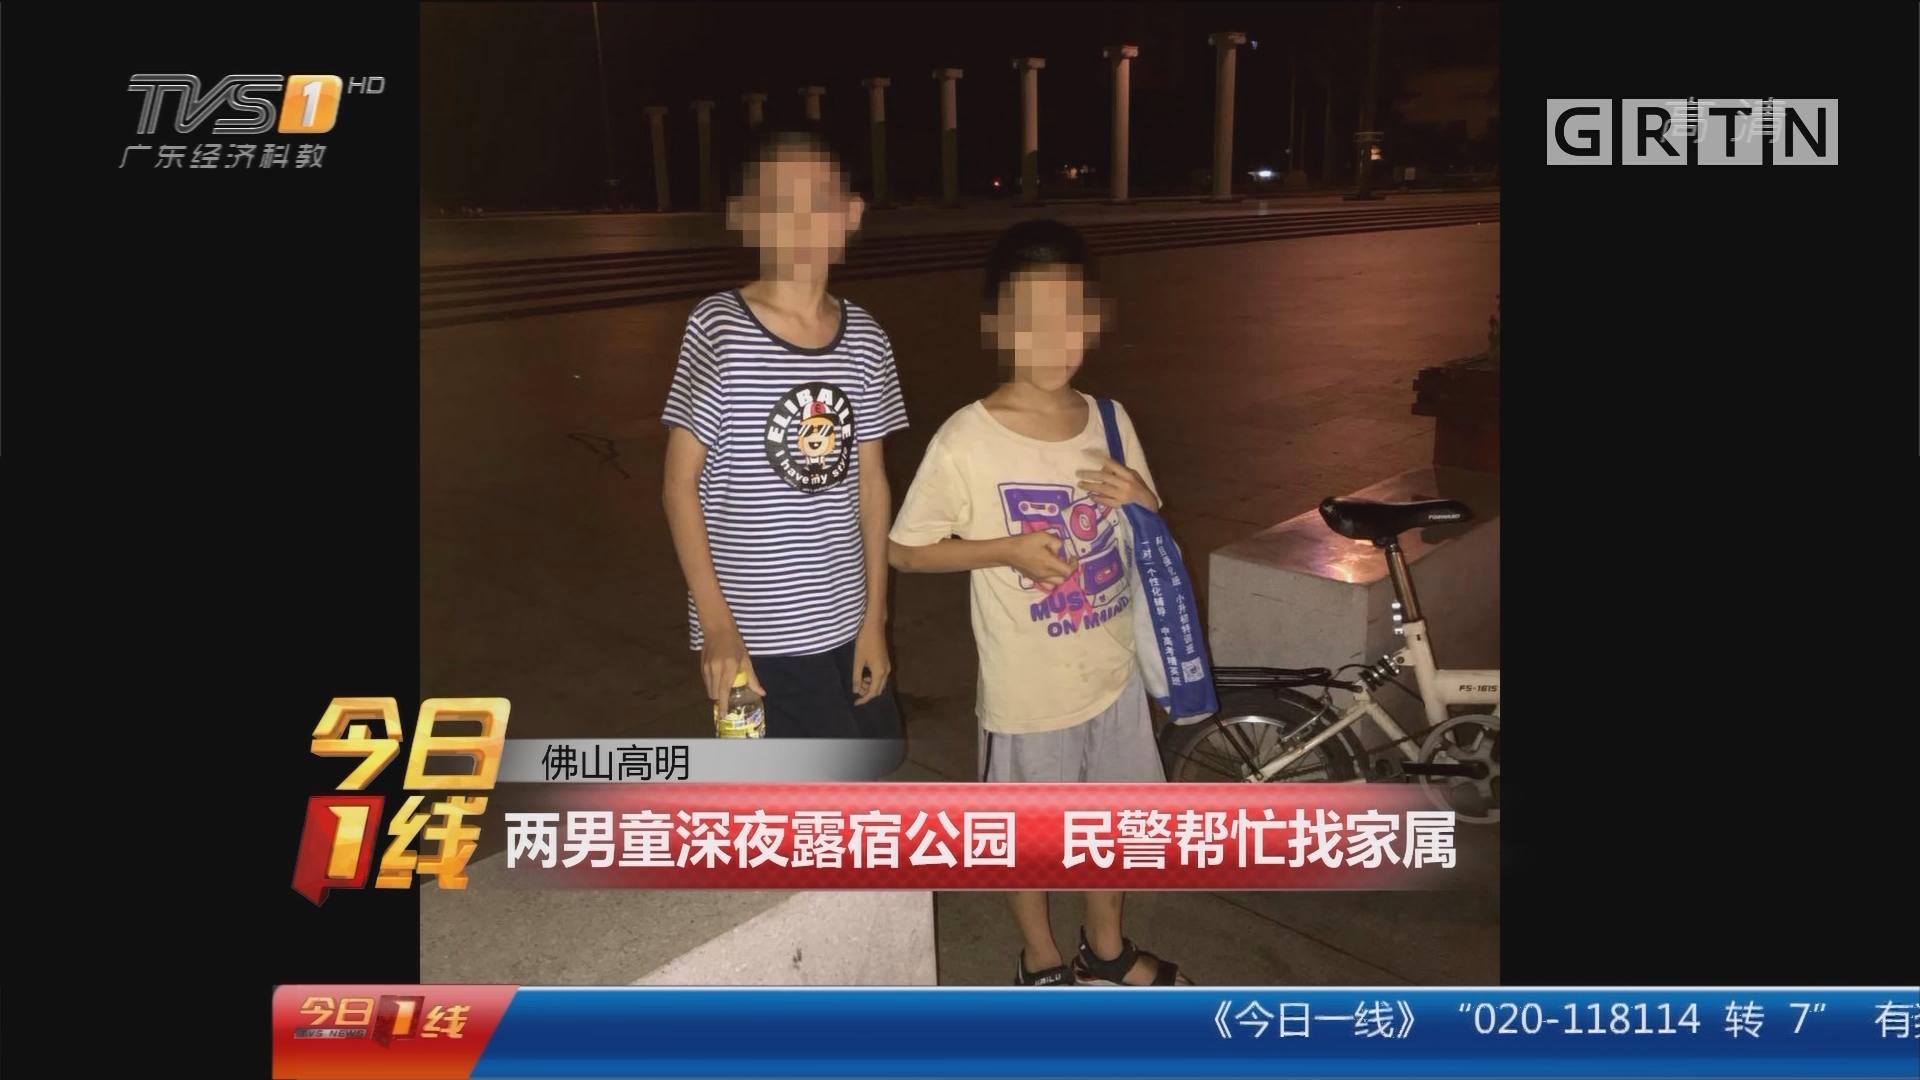 佛山高明:两男童深夜露宿公园 民警帮忙找家属